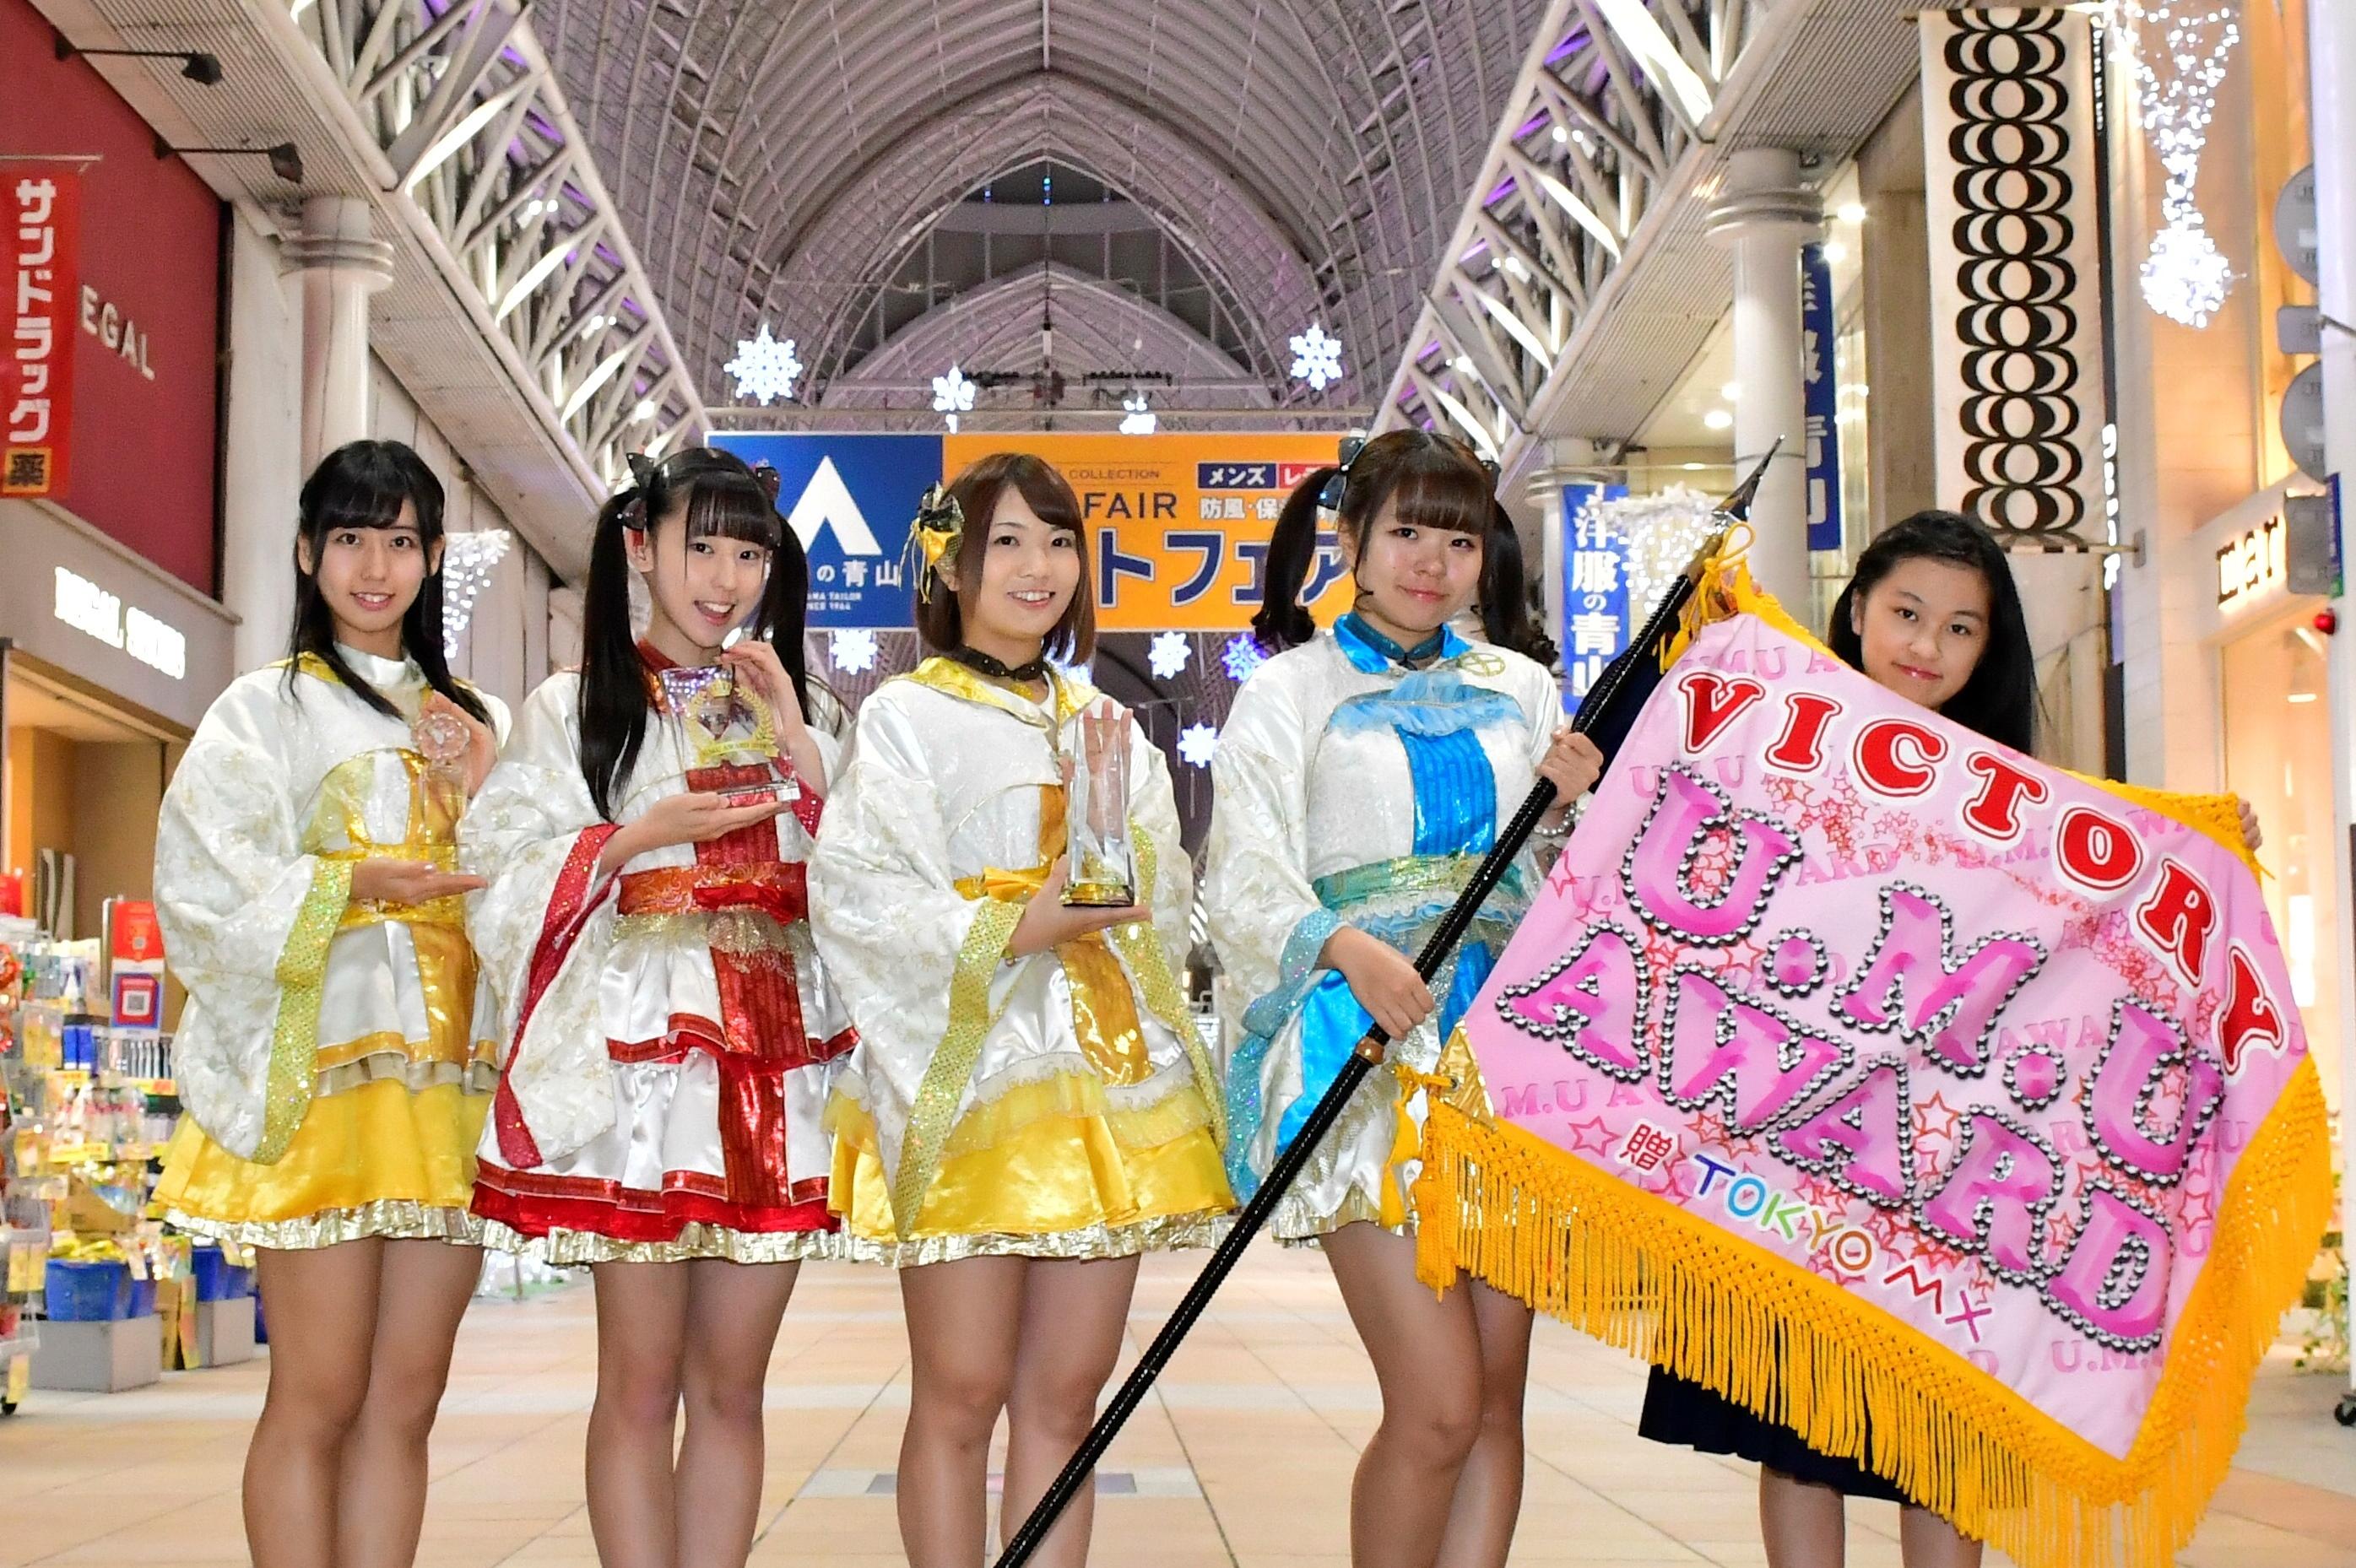 ご当地アイドルが鹿児島市の市政広報紙に登場! ご当地アイドルコンテストで日本一  S☆UTHERN CROSS(サザン☆クロス) 「これからも鹿児島のPR よろしくね!」